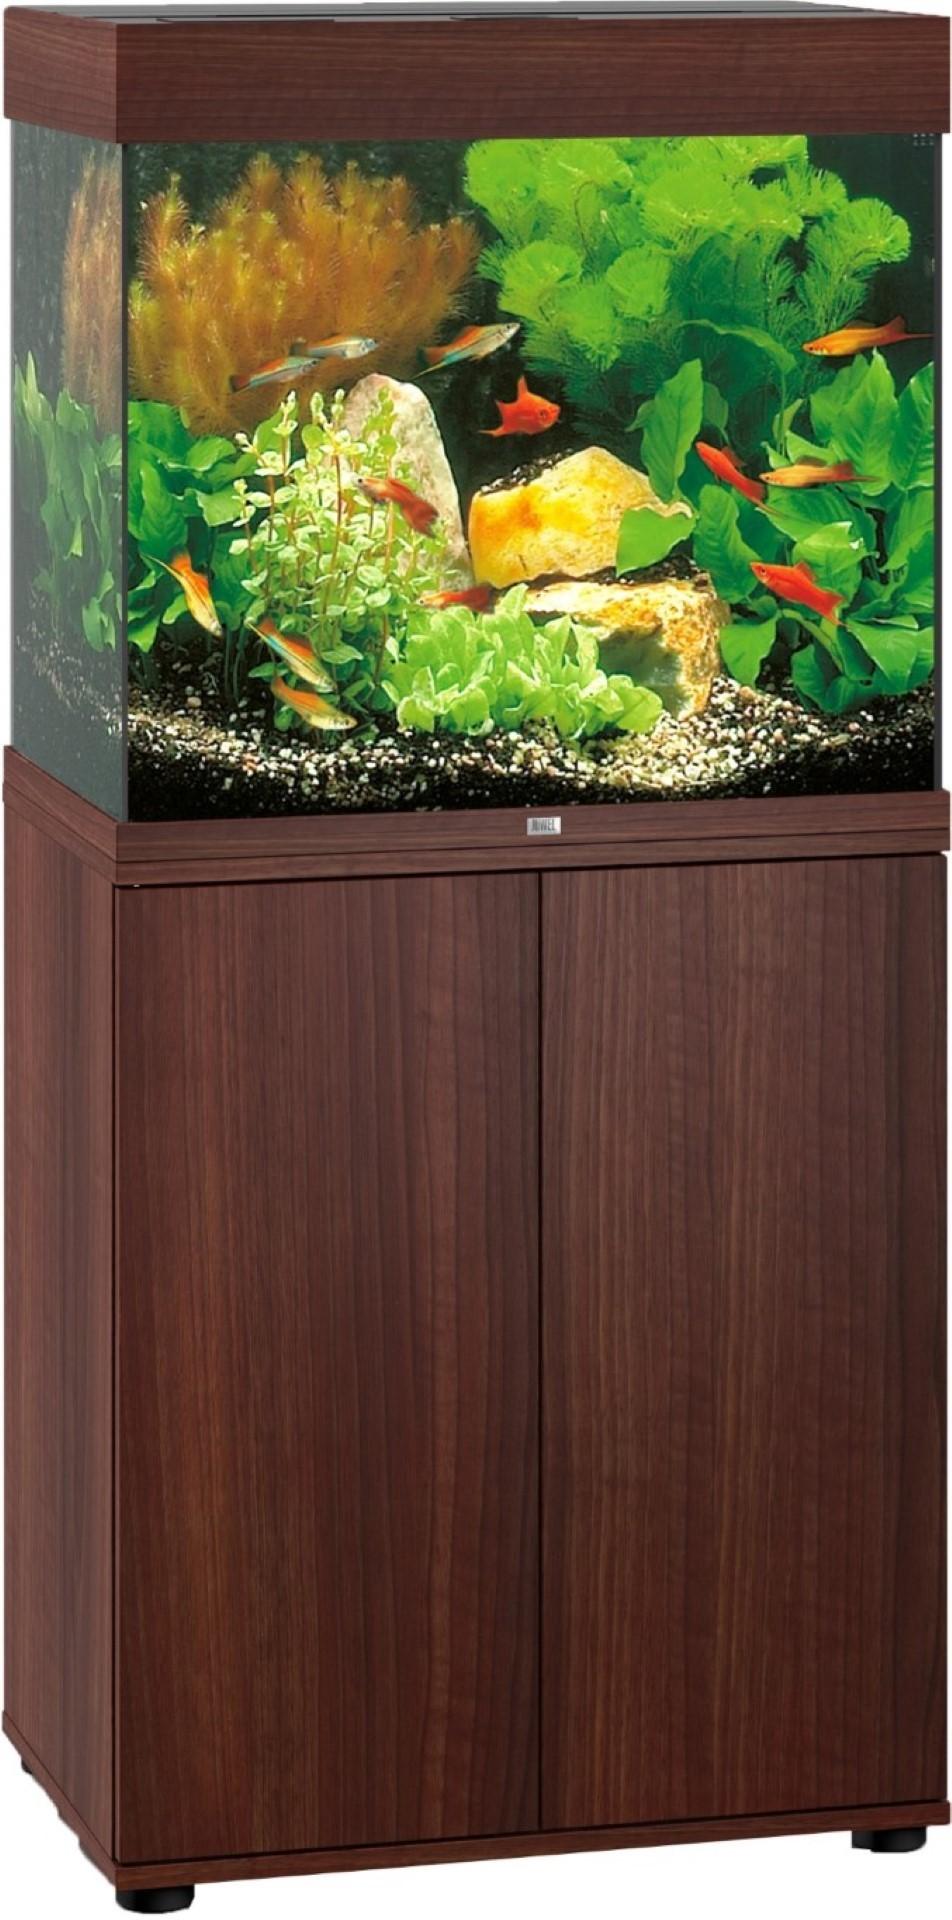 Juwel meubel bouwpakket SBX Lido 120 donkerbruin